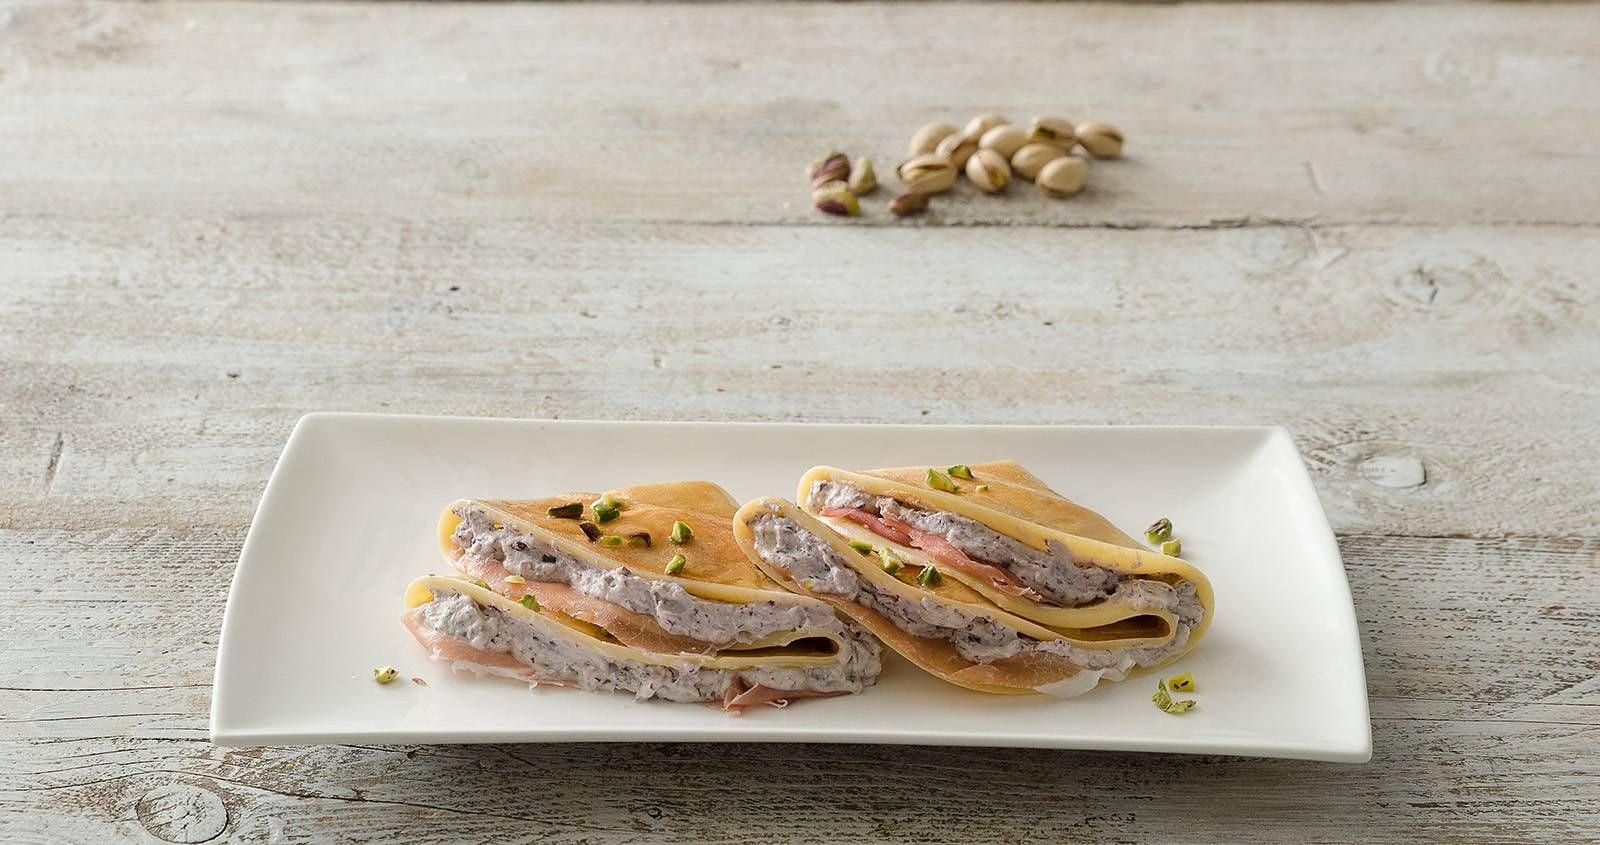 Crepes ricotta e radicchio con prosciutto crudo e pistacchi - Parmalat